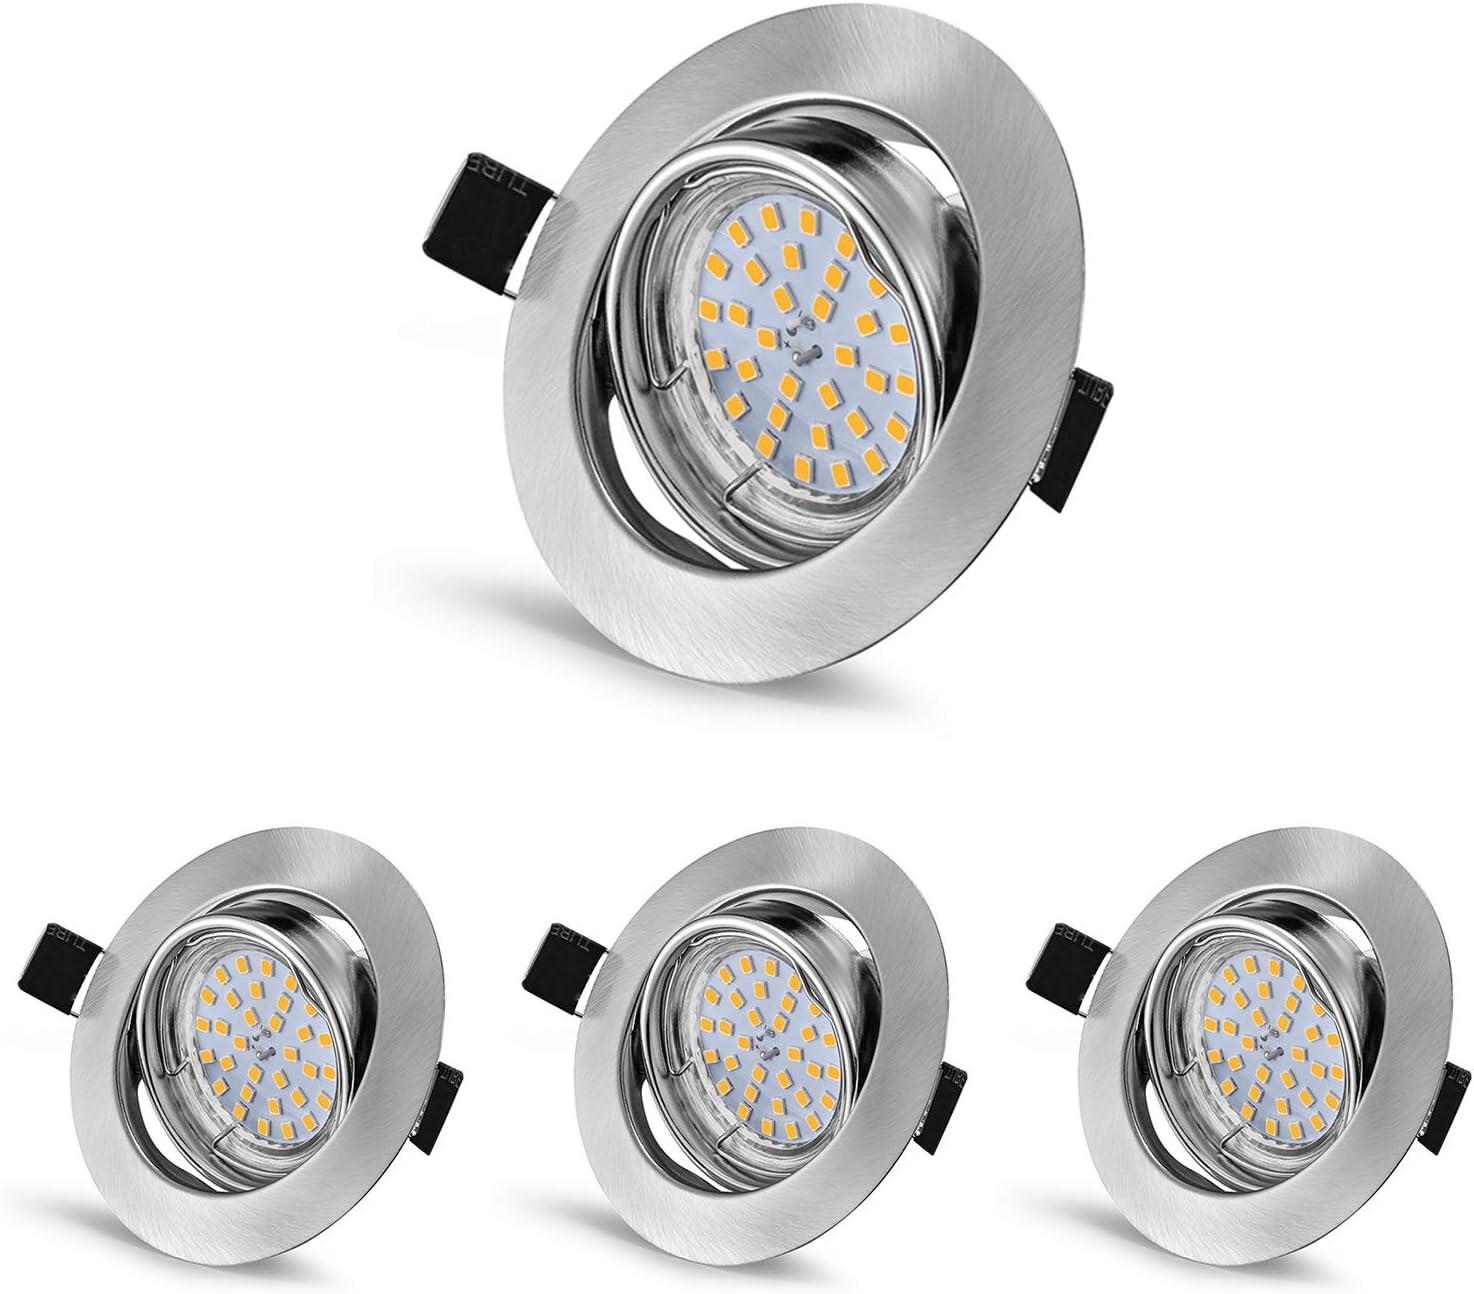 LED Decken-Einbaustrahler DEX chrom matt schwenkbar GU10 4,5W 340lm warm-weiß ru